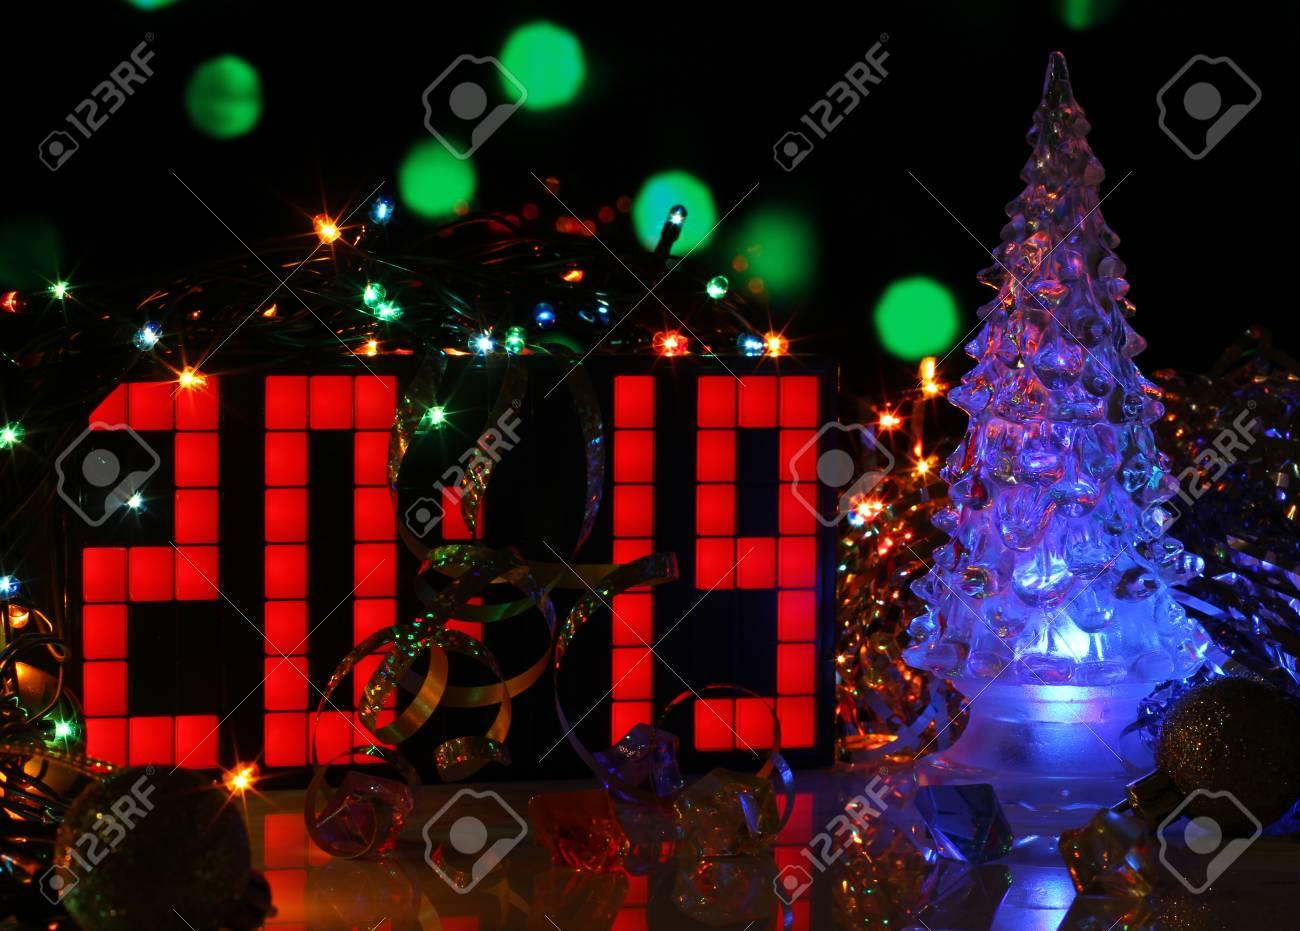 Imagenes Felicitacion Navidad 2019.Feliz Ano Nuevo 2019 Colorida Tarjeta De Felicitacion Con Vidrio Navidad Bokeh Luces De Fondo Cartel De Fiesta Banner O Invitacion Superficie Del